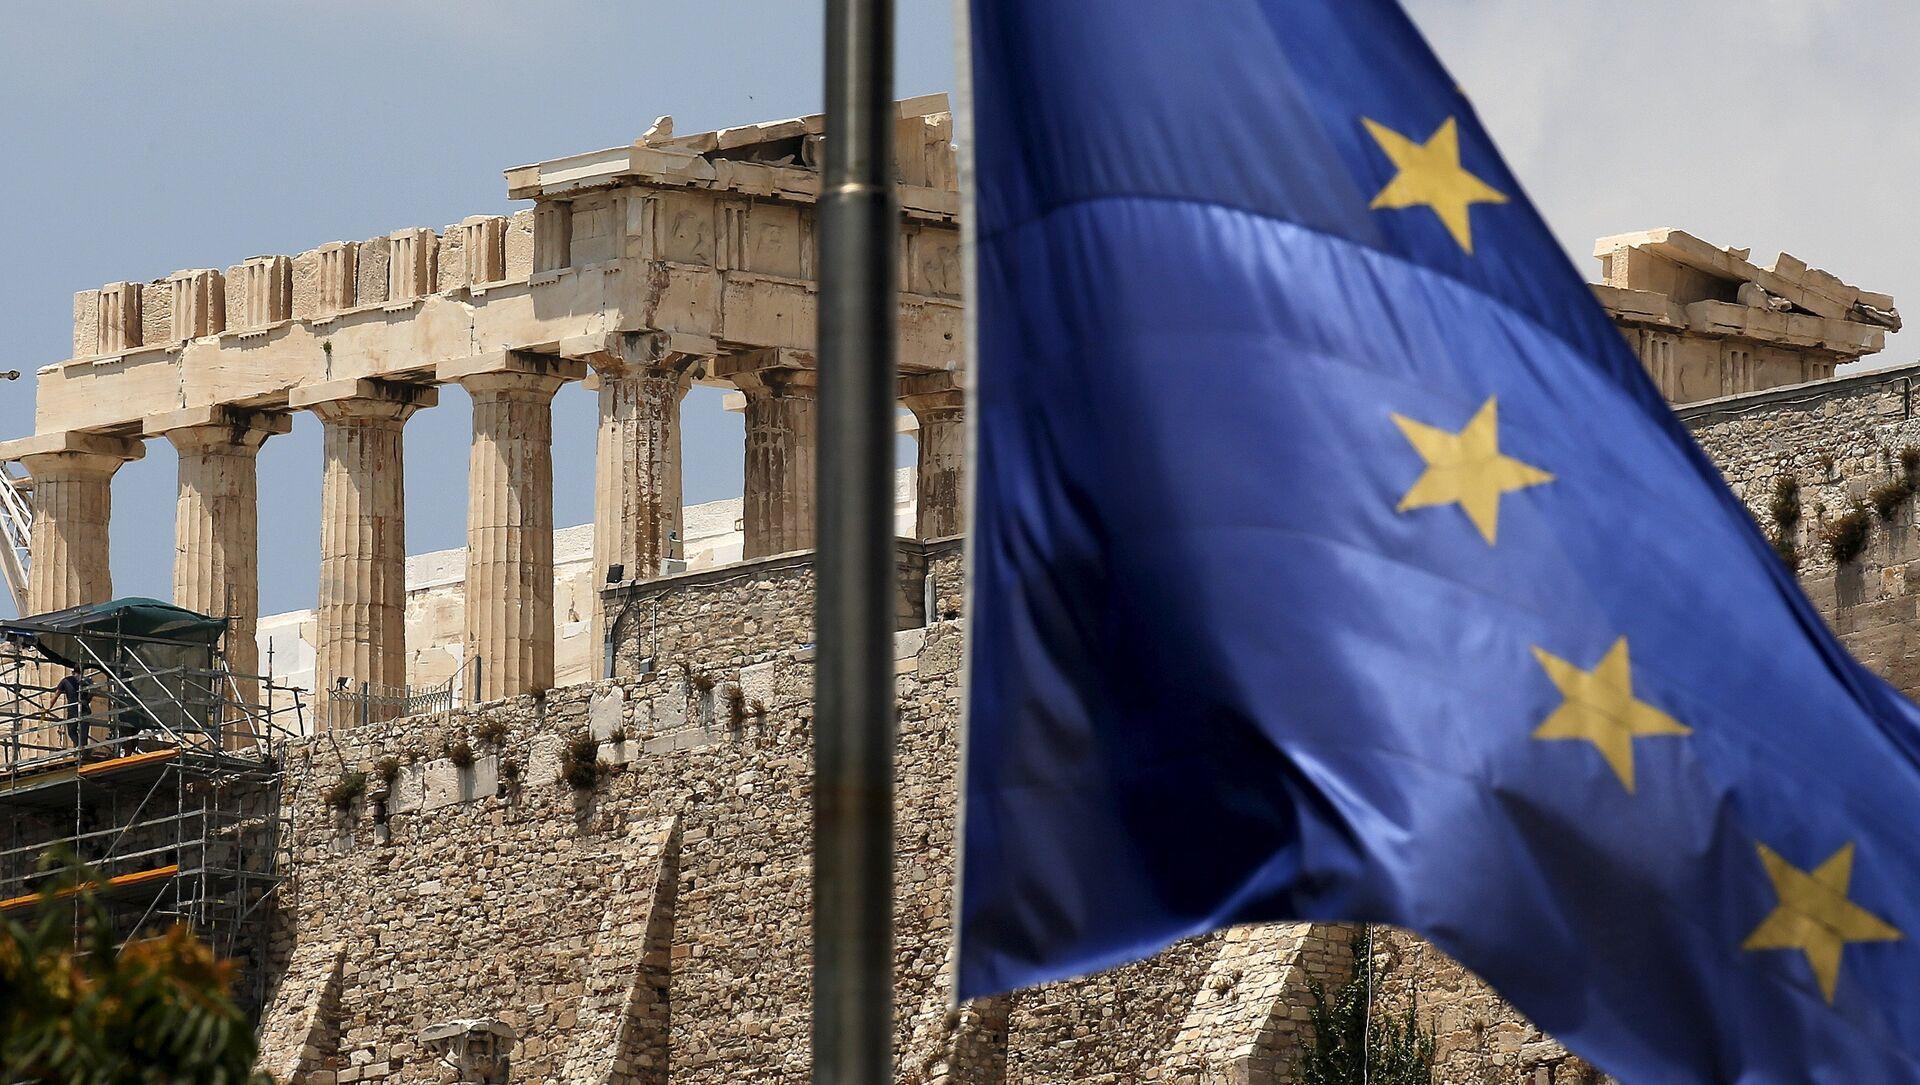 Grecja, flaga UE - Sputnik Polska, 1920, 07.05.2021